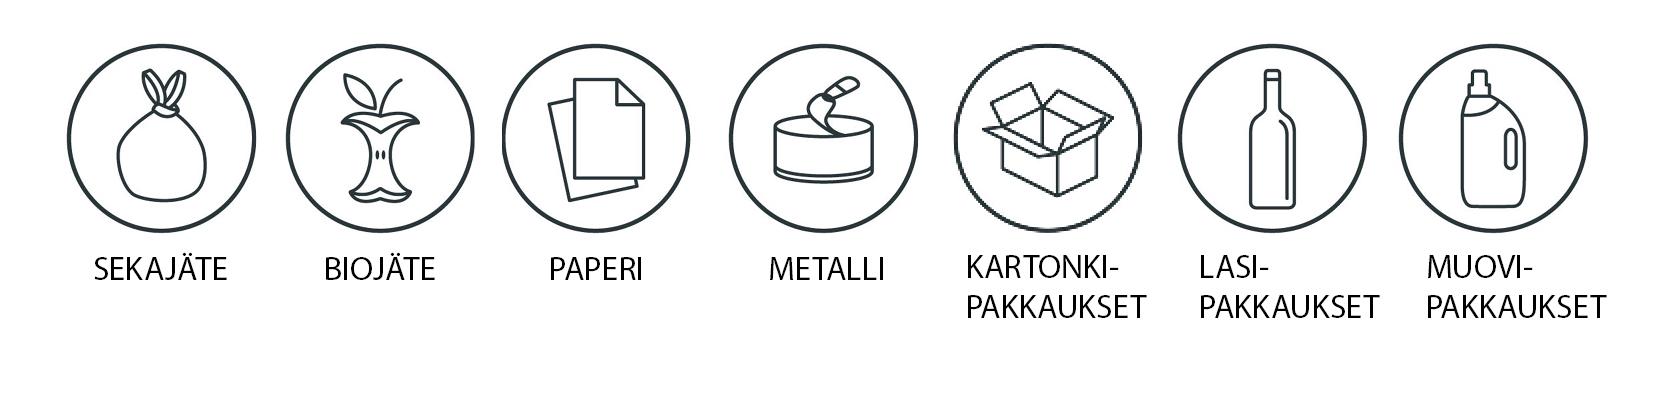 jätesymbolit koottuna TEKSTEILLÄ